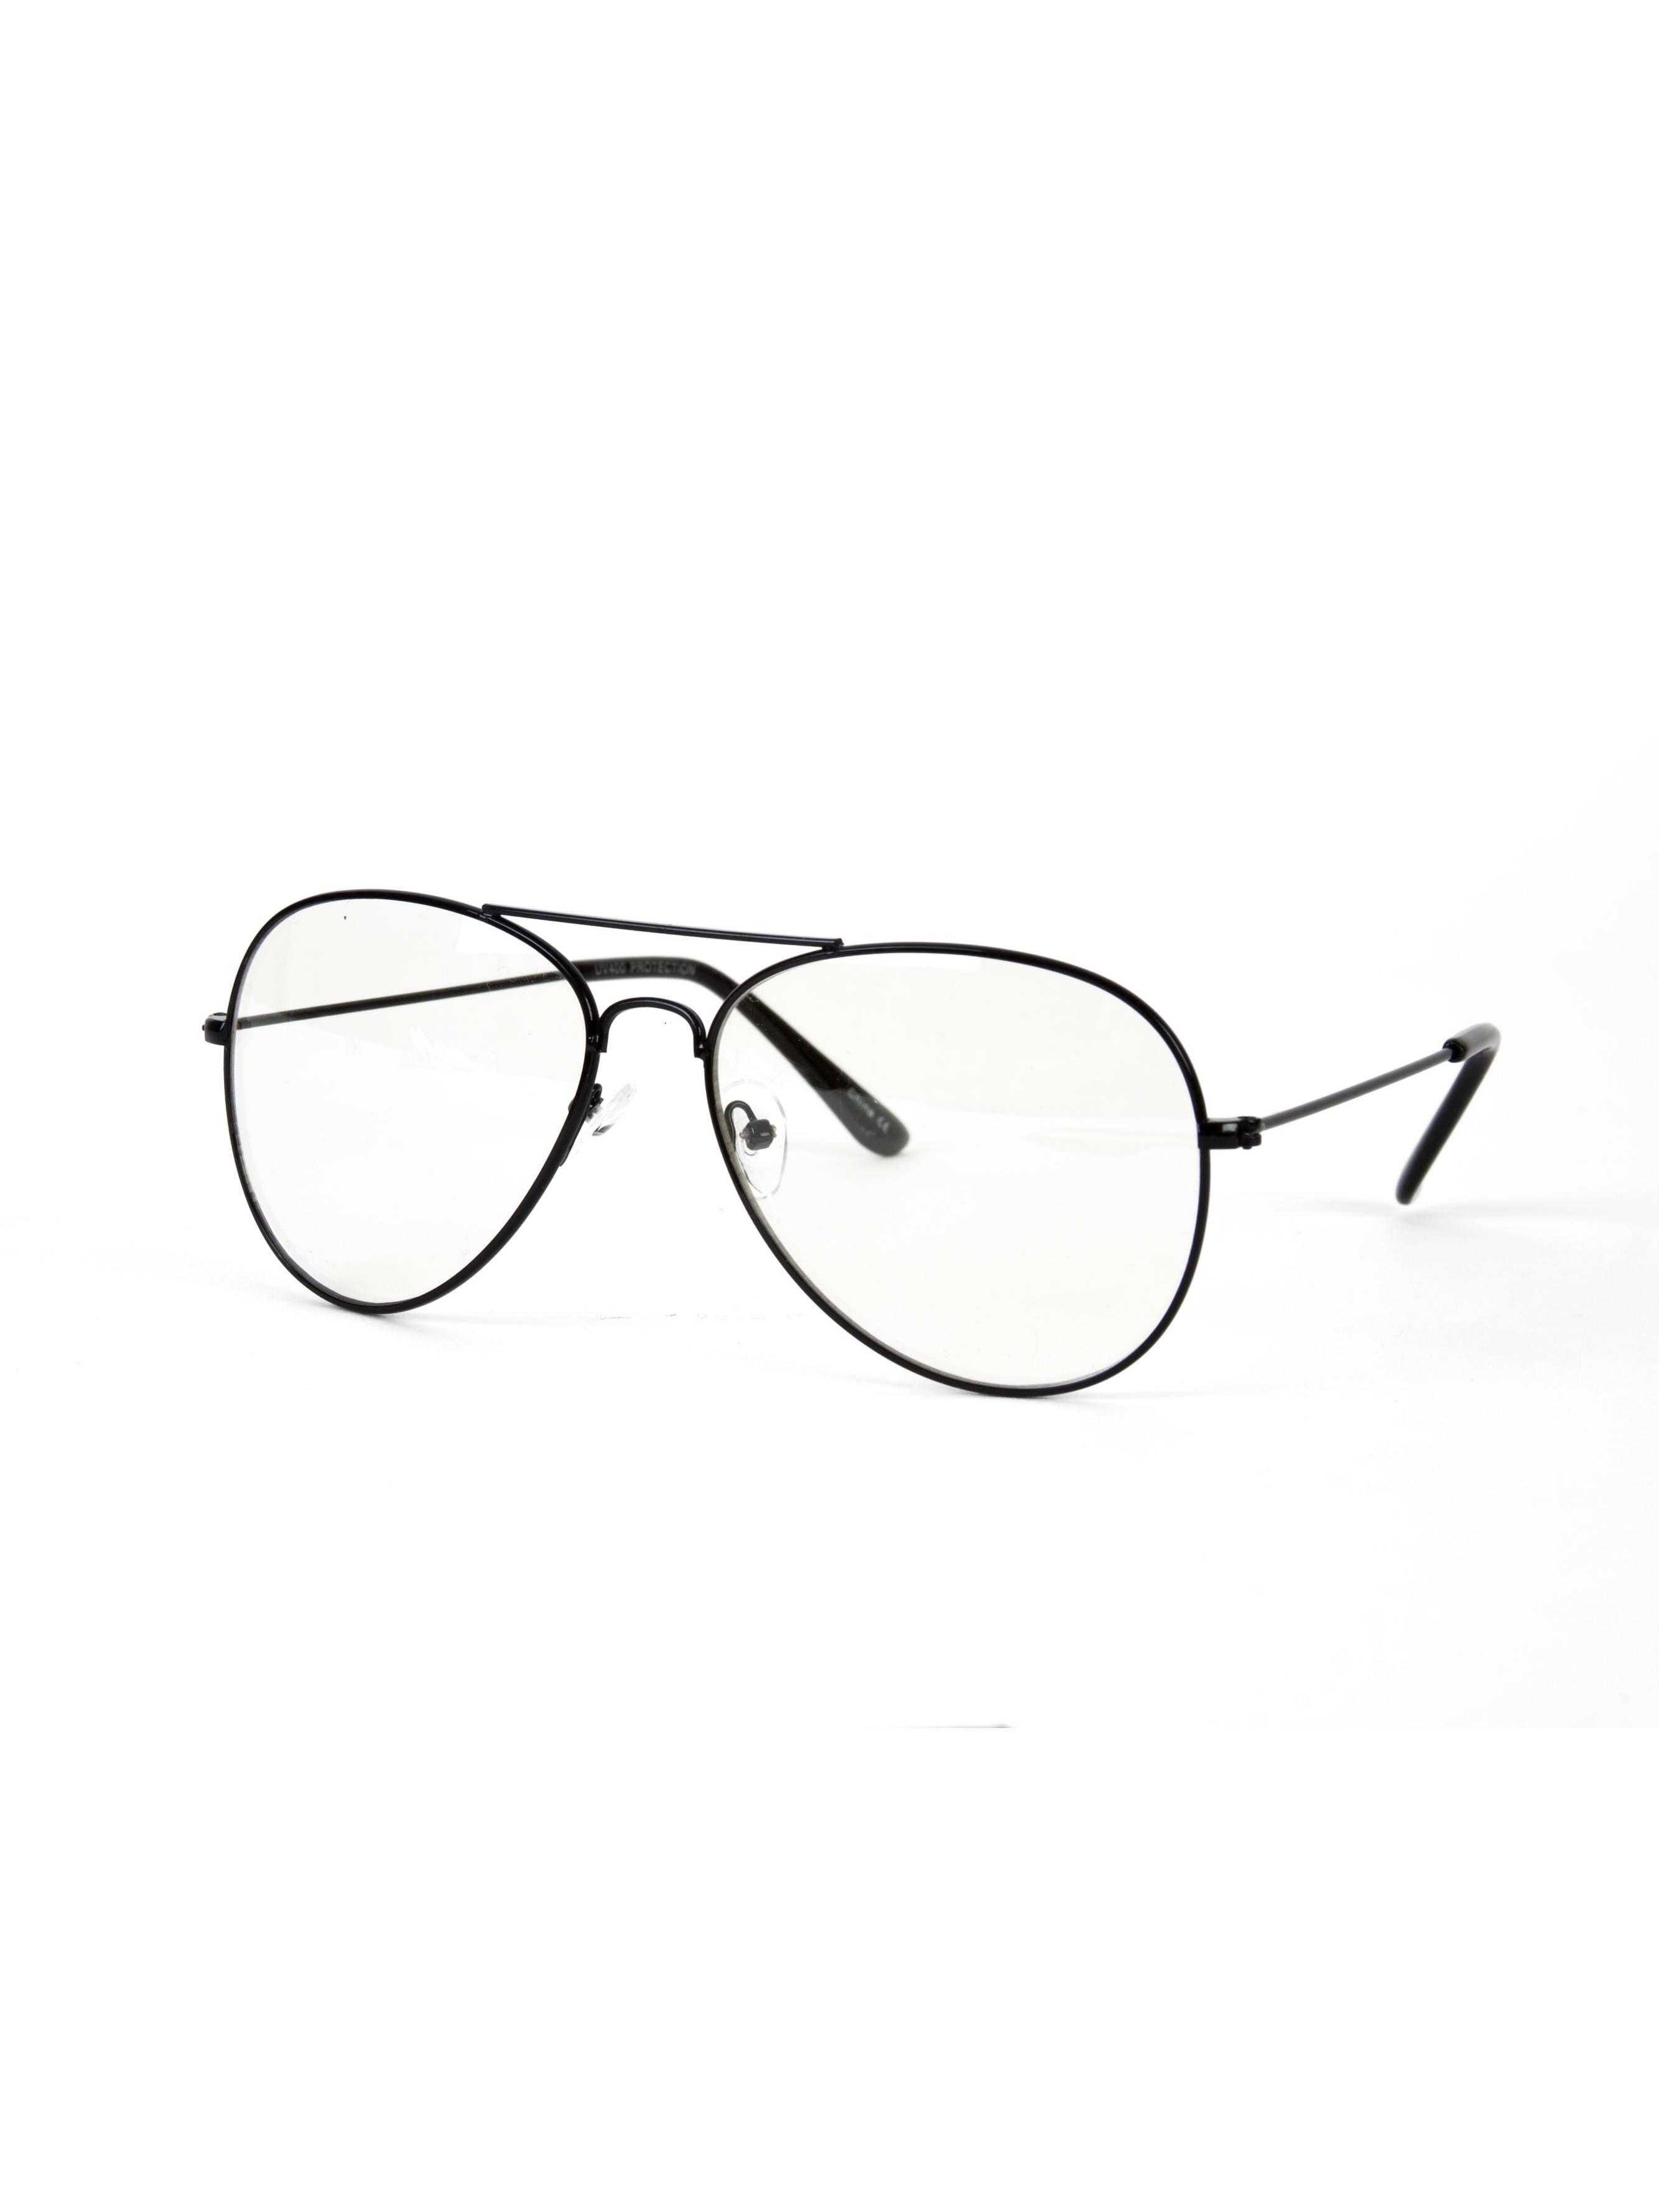 a1ddc773a9 Gravity s Non-Prescription Premium Aviator Clear Lens Glasses w  GT  Microfiber